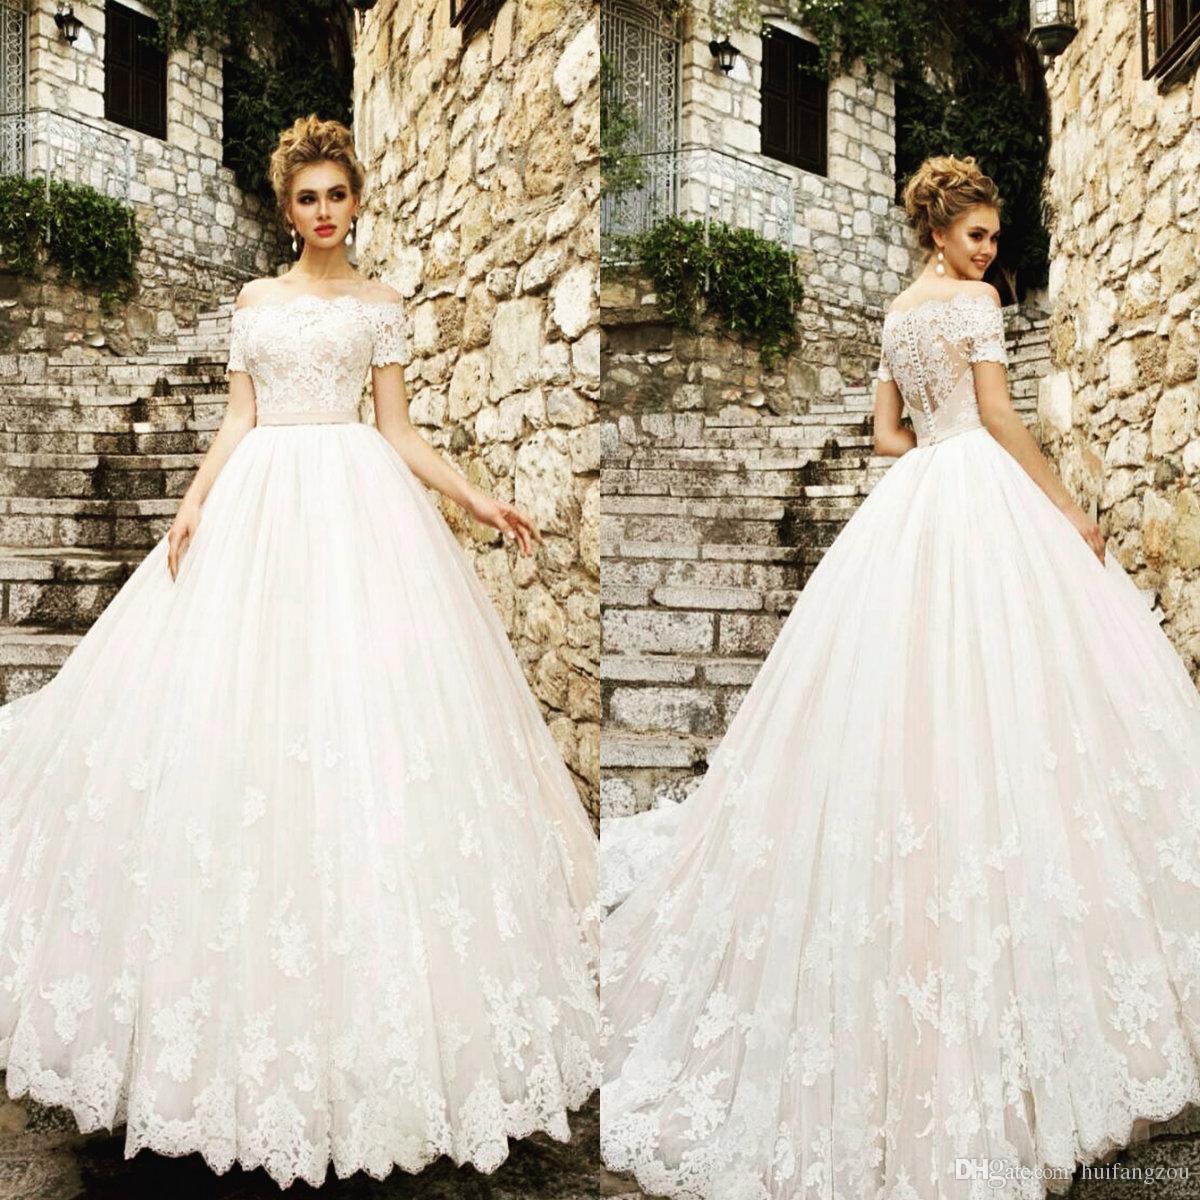 Vintage Wedding Dresses Under 500: Discount Vintage Princess Wedding Dress 2019 Off Shoulder